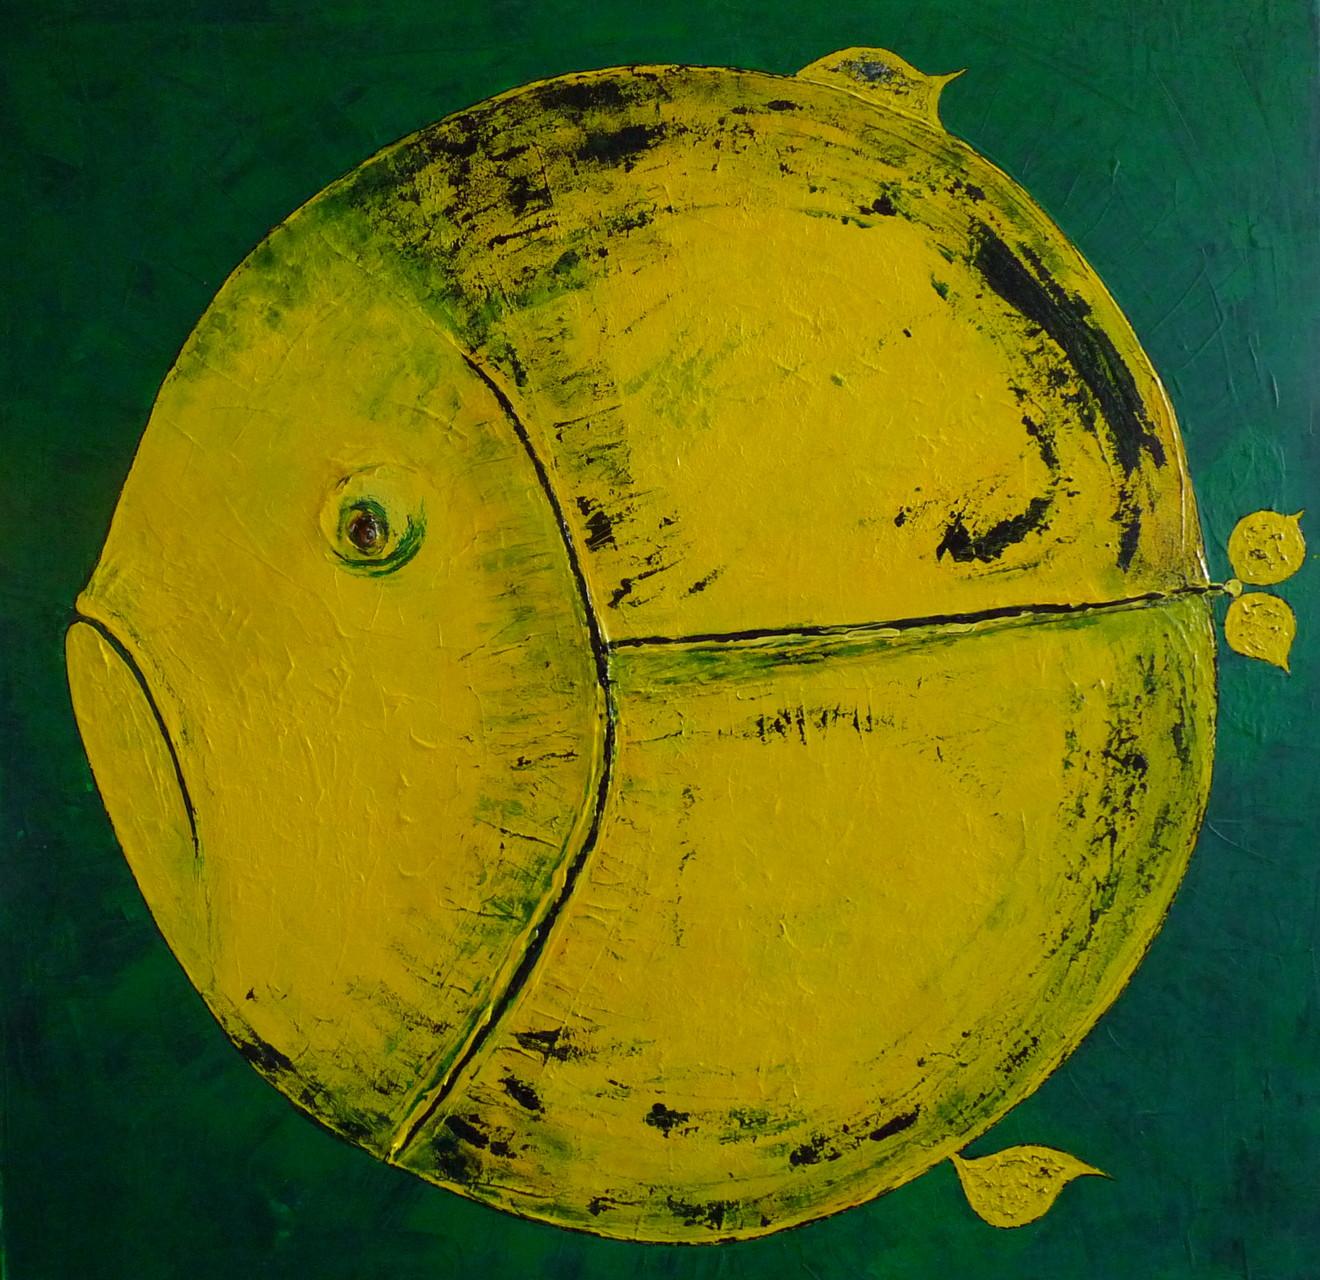 Leinwand Acryl -Fisch 80 x 80